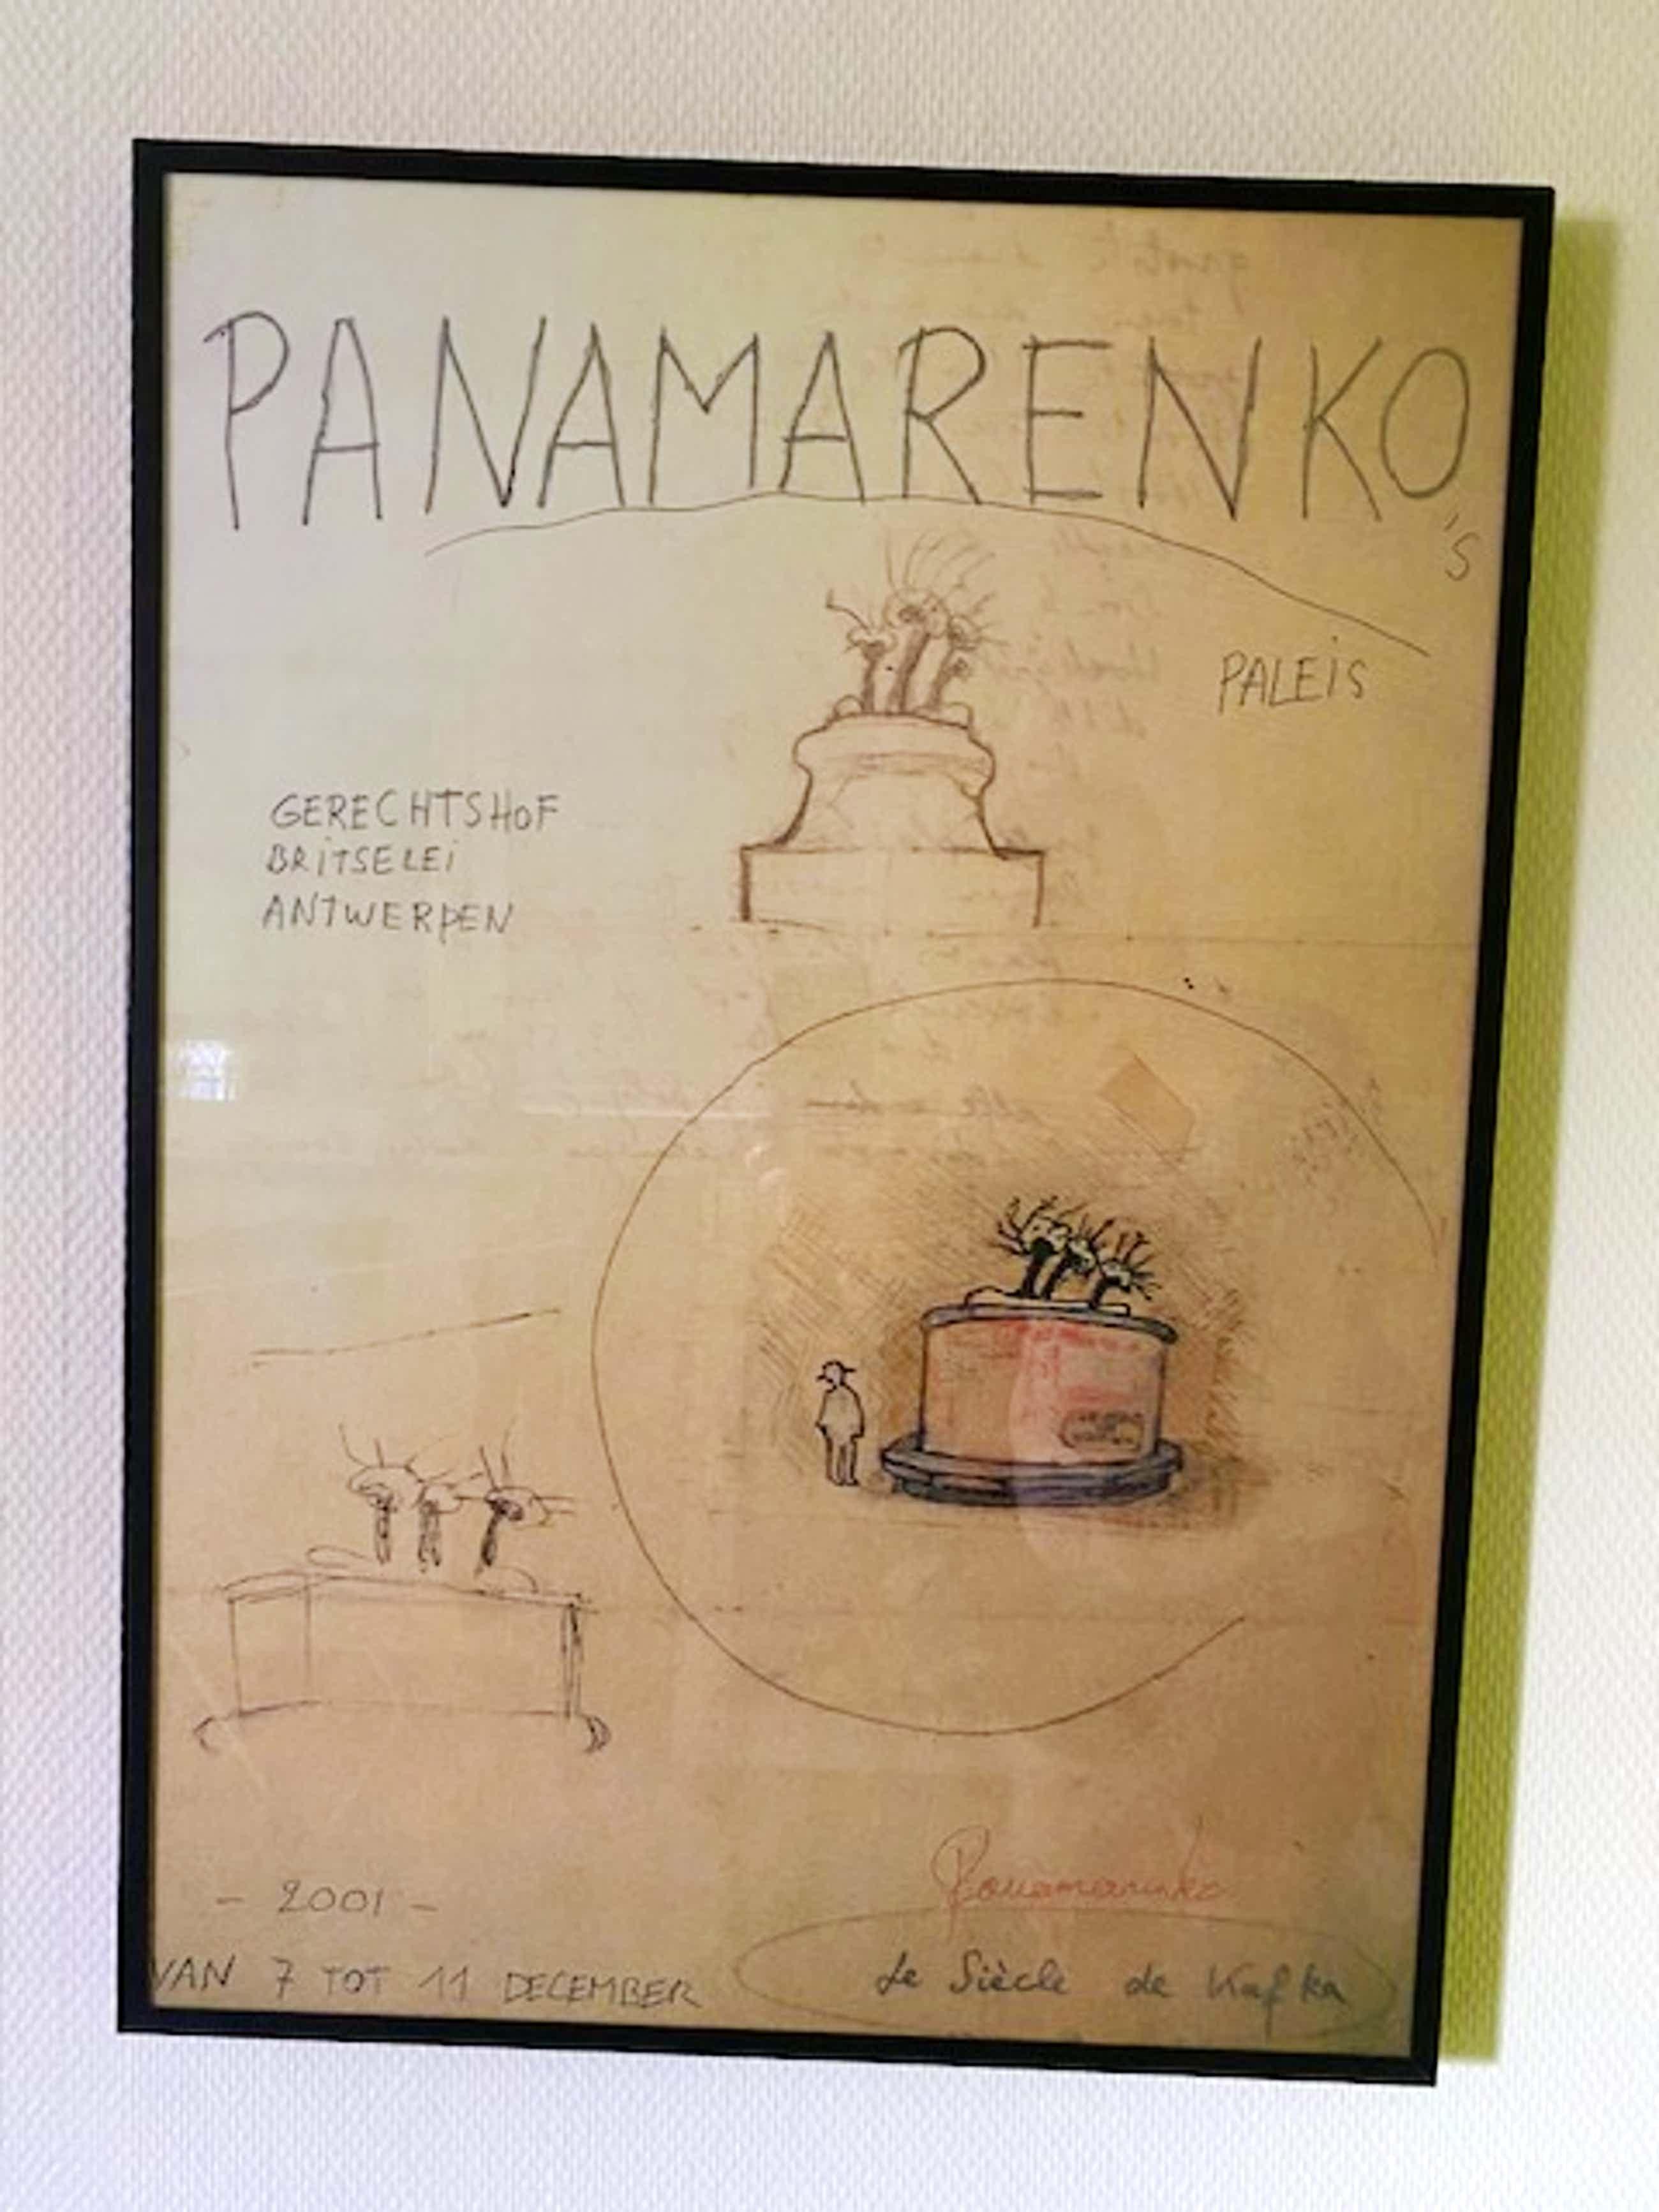 Panamarenko - Le Siècle de Kafka kopen? Bied vanaf 650!